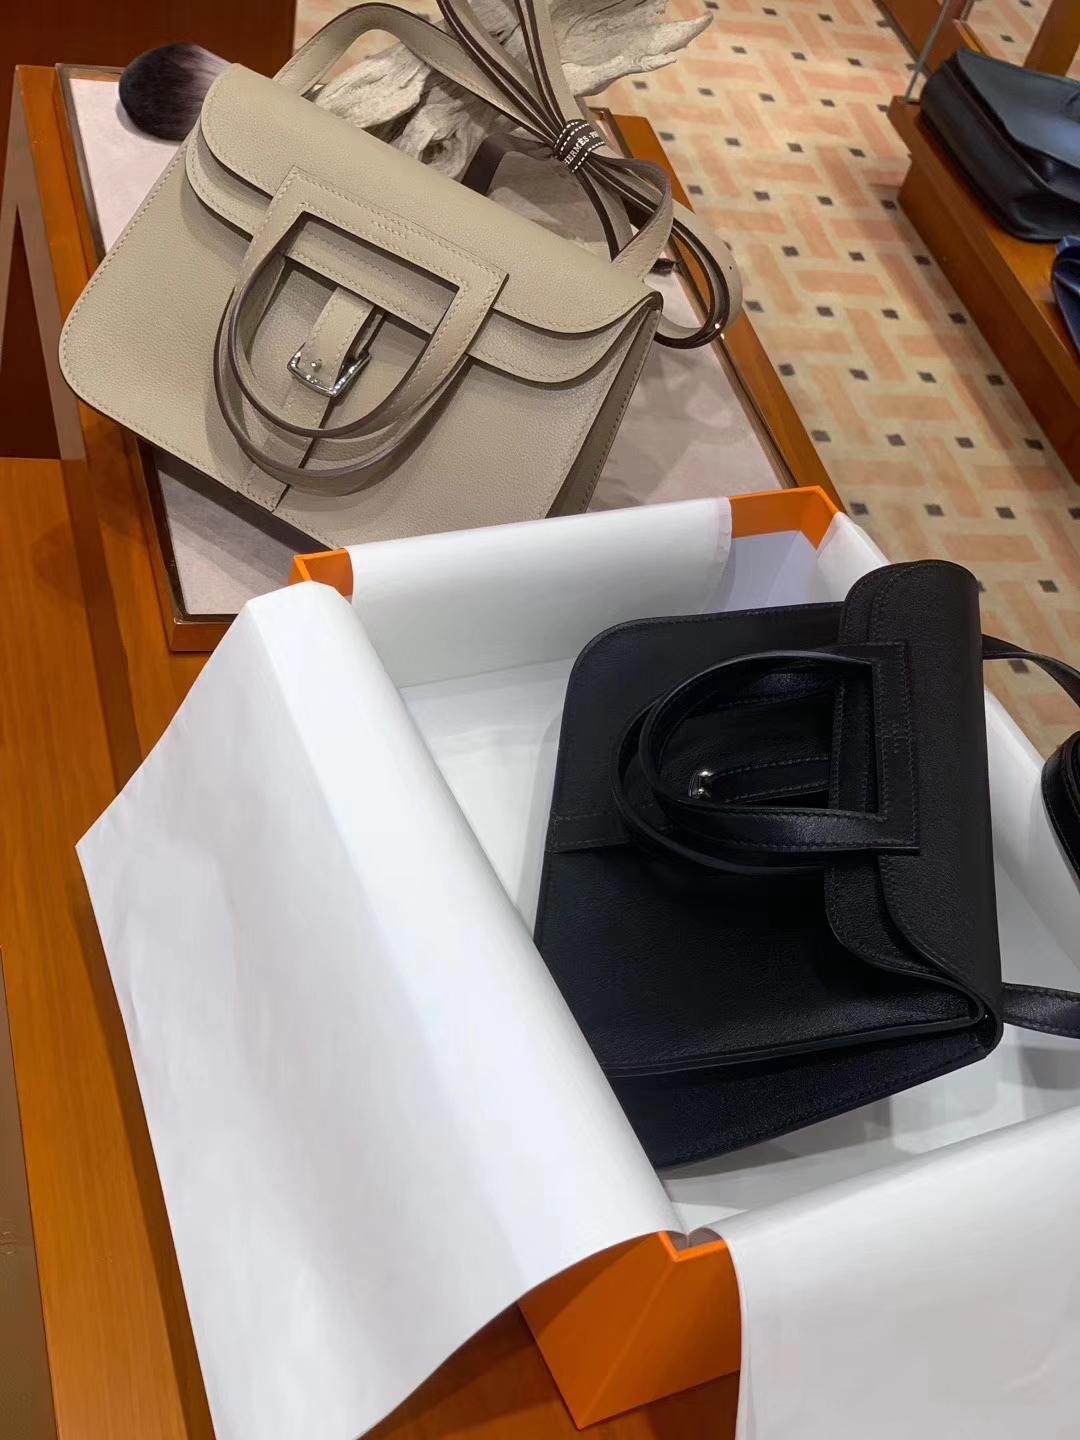 HERMES 爱马仕 Halzan swift 黑色 配全套专柜原版包装